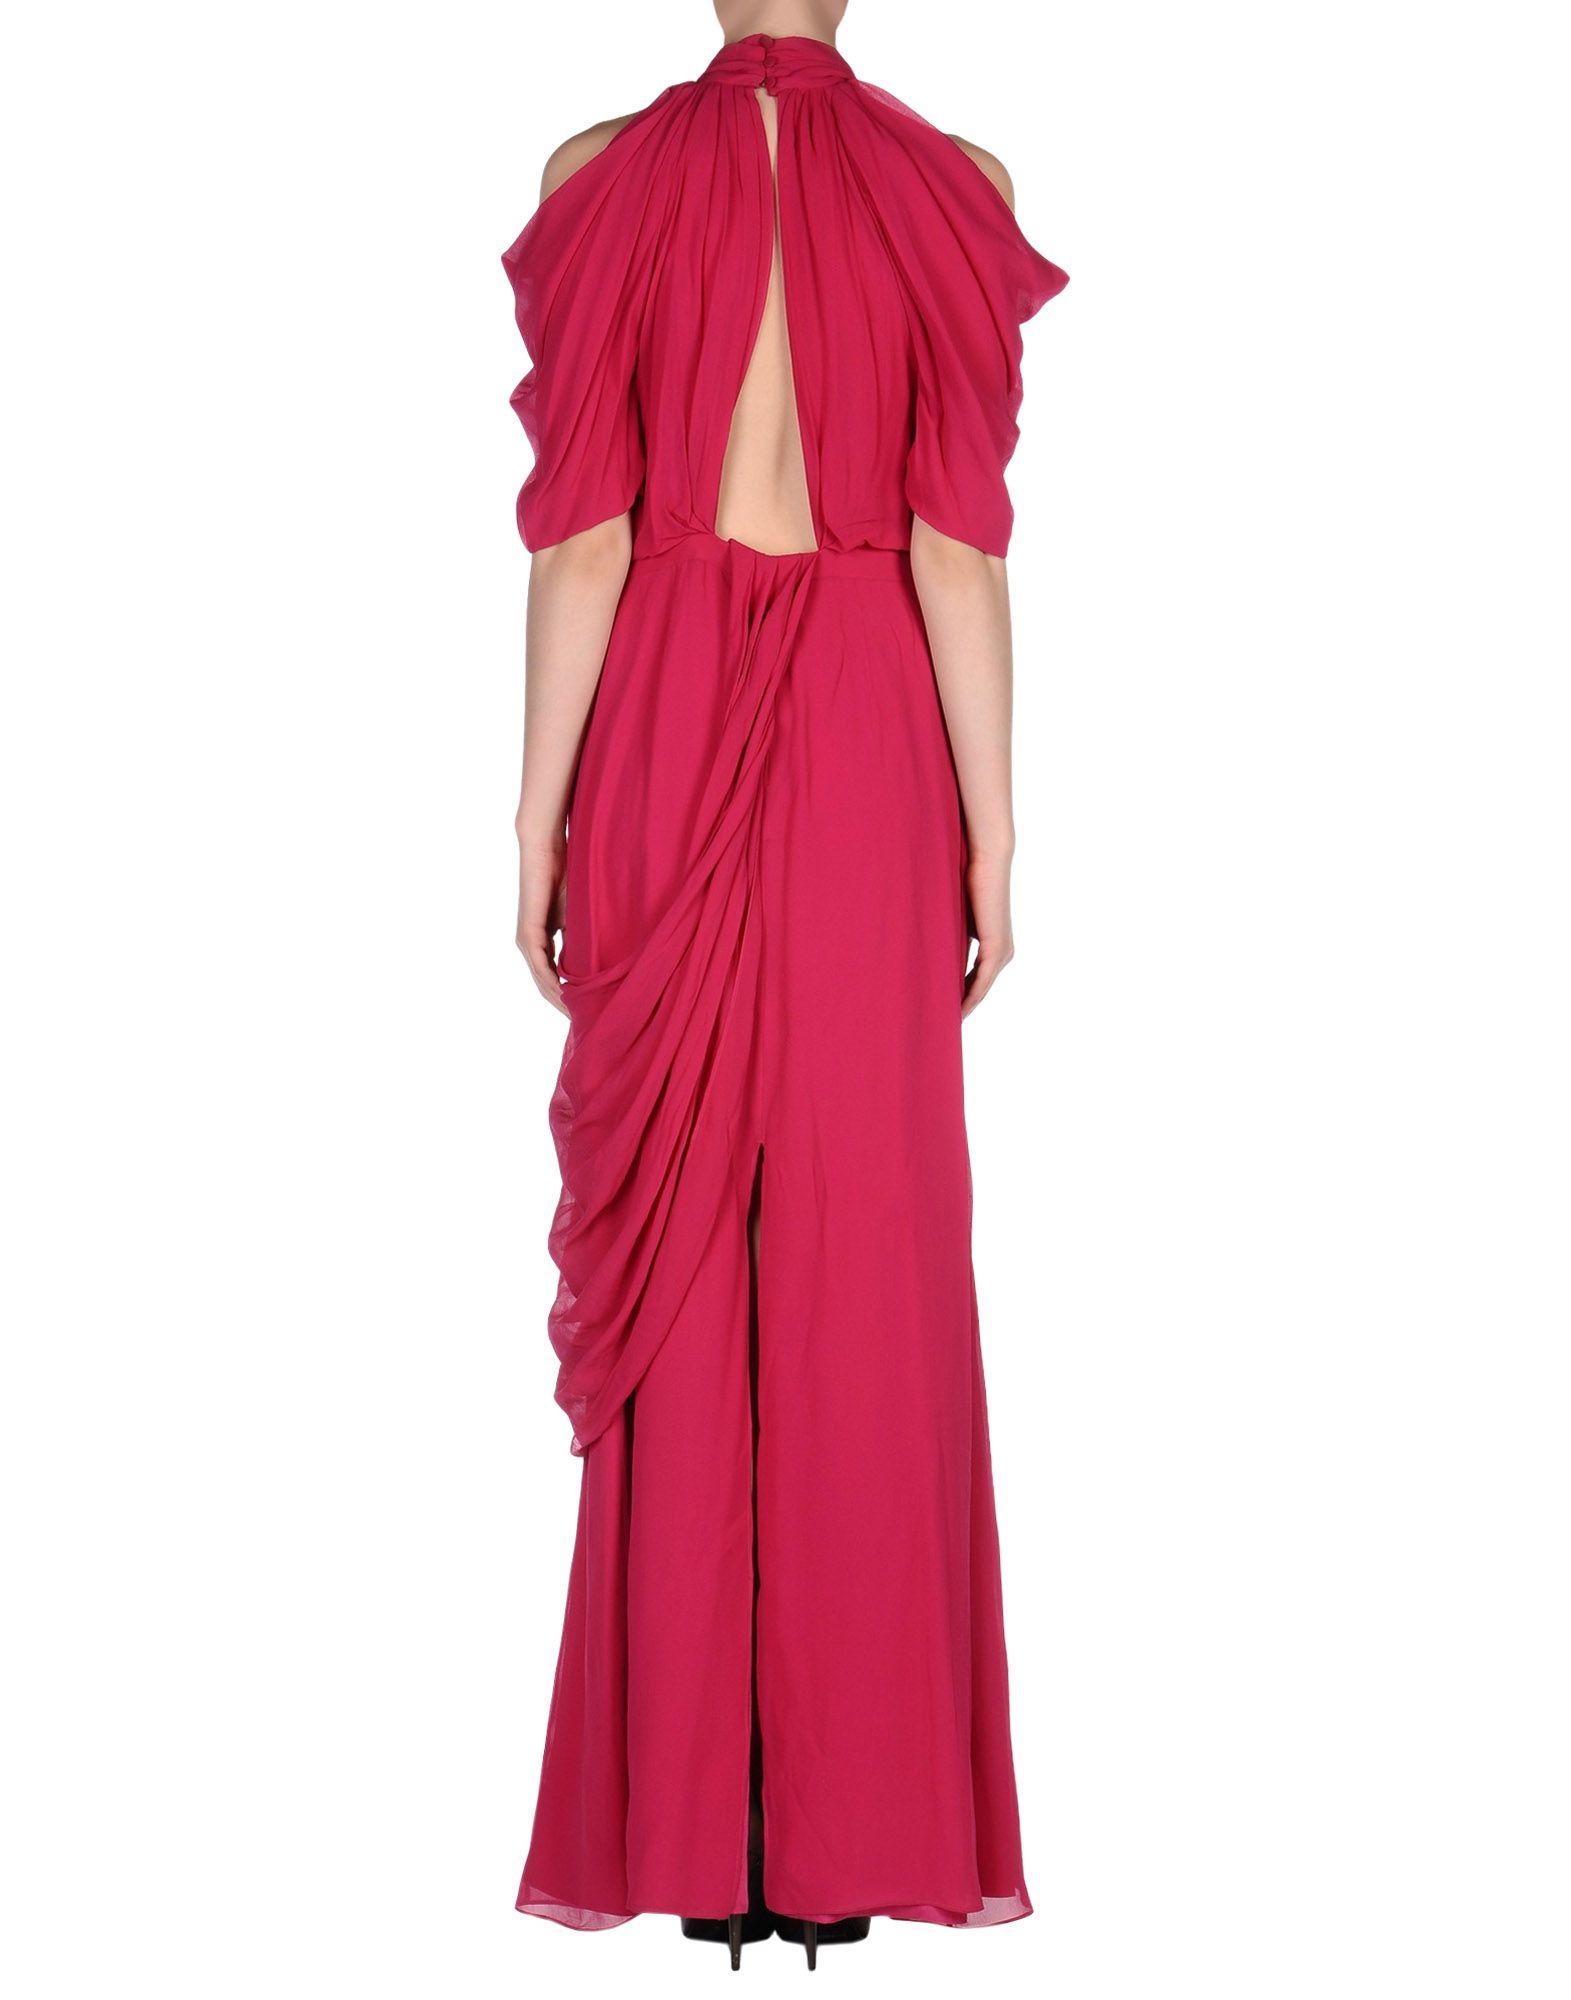 viktor rolf long dress in red garnet lyst. Black Bedroom Furniture Sets. Home Design Ideas